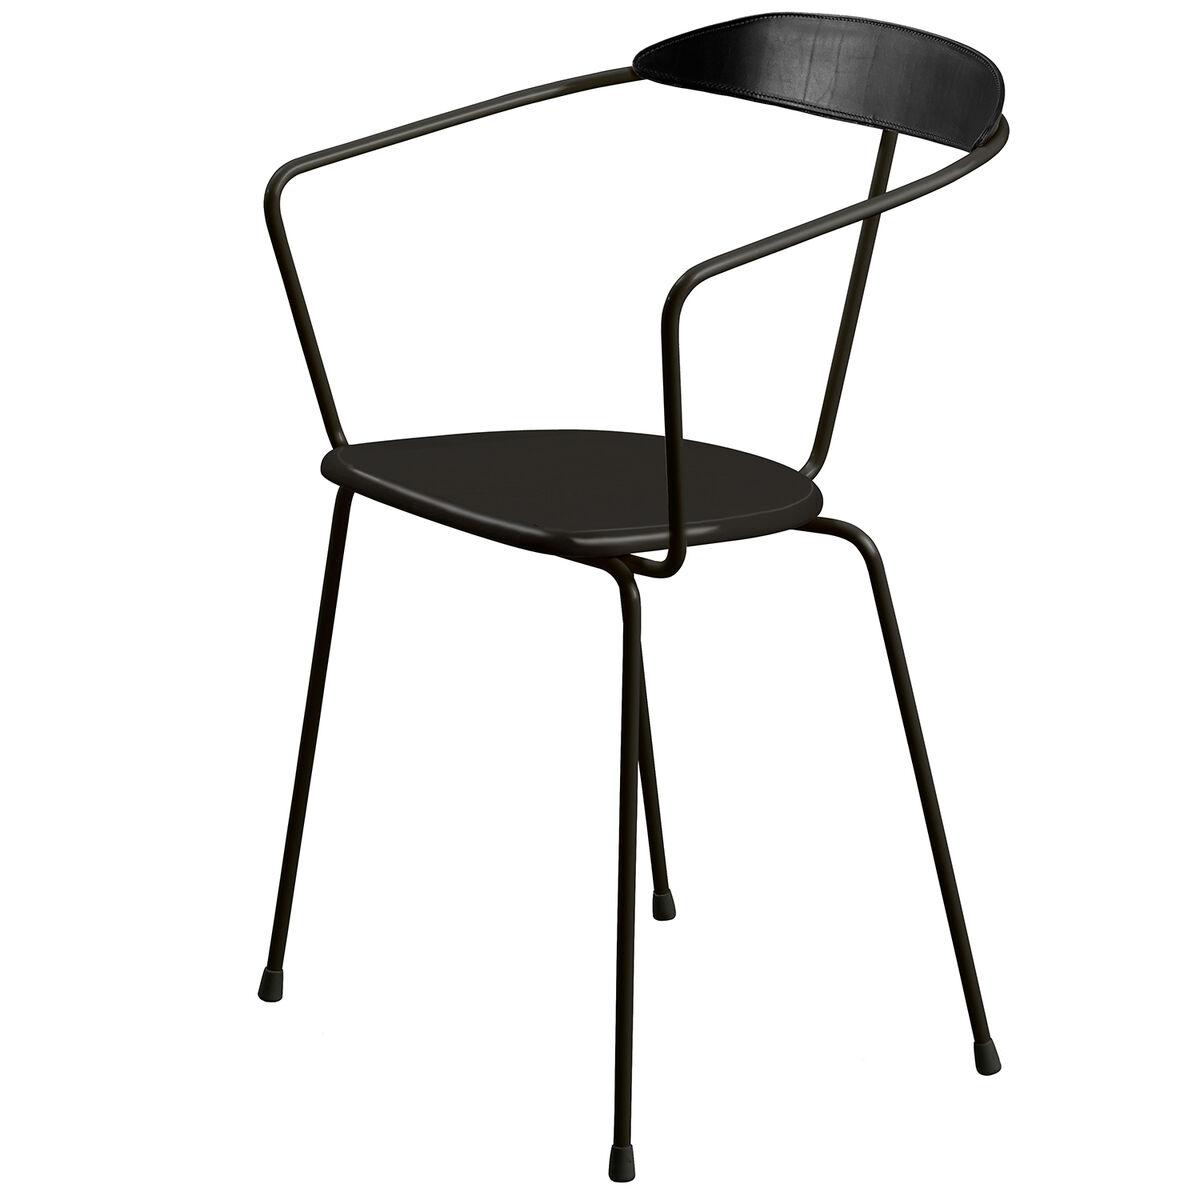 Minus Tio Ghost tuoli, suorat jalat, musta